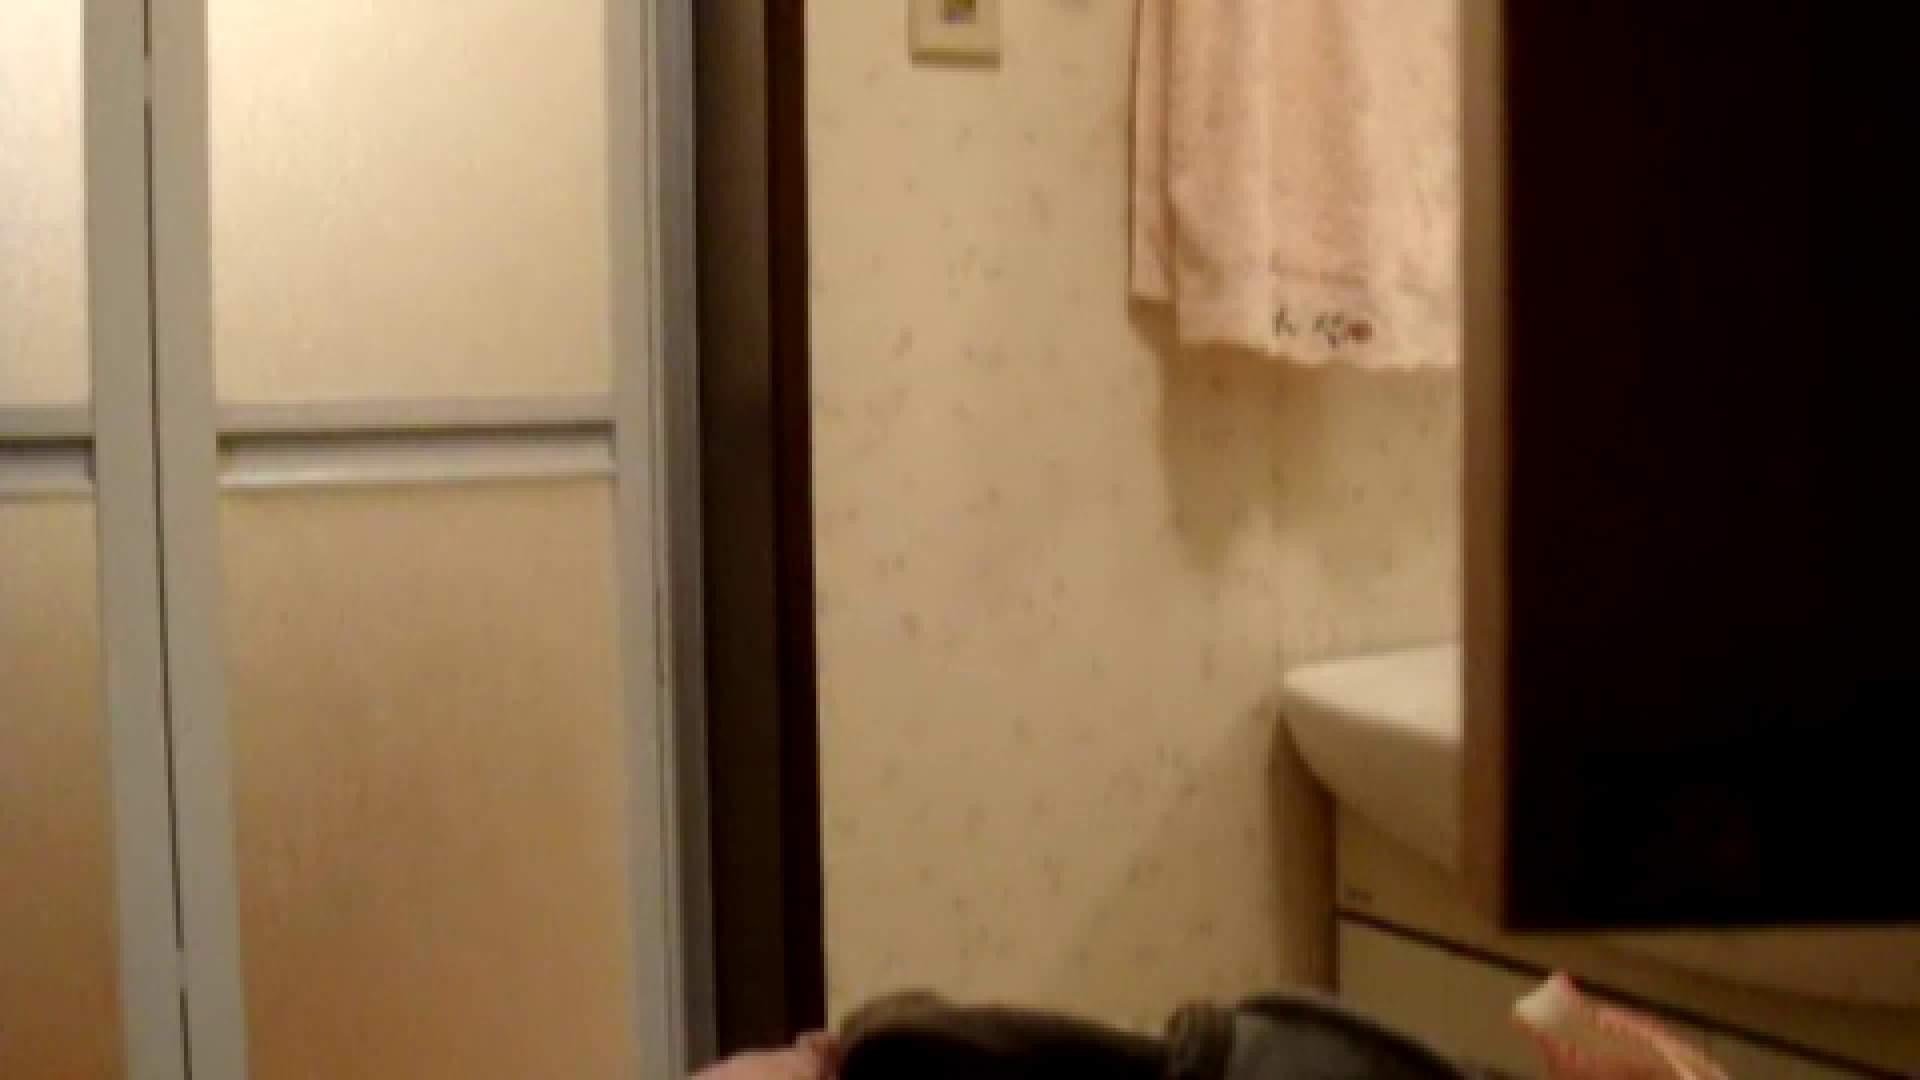 二人とも育てた甲斐がありました… vol.08 まどかの入浴中にカメラに気付いたか!? 綺麗なOLたち | 入浴  90枚 71